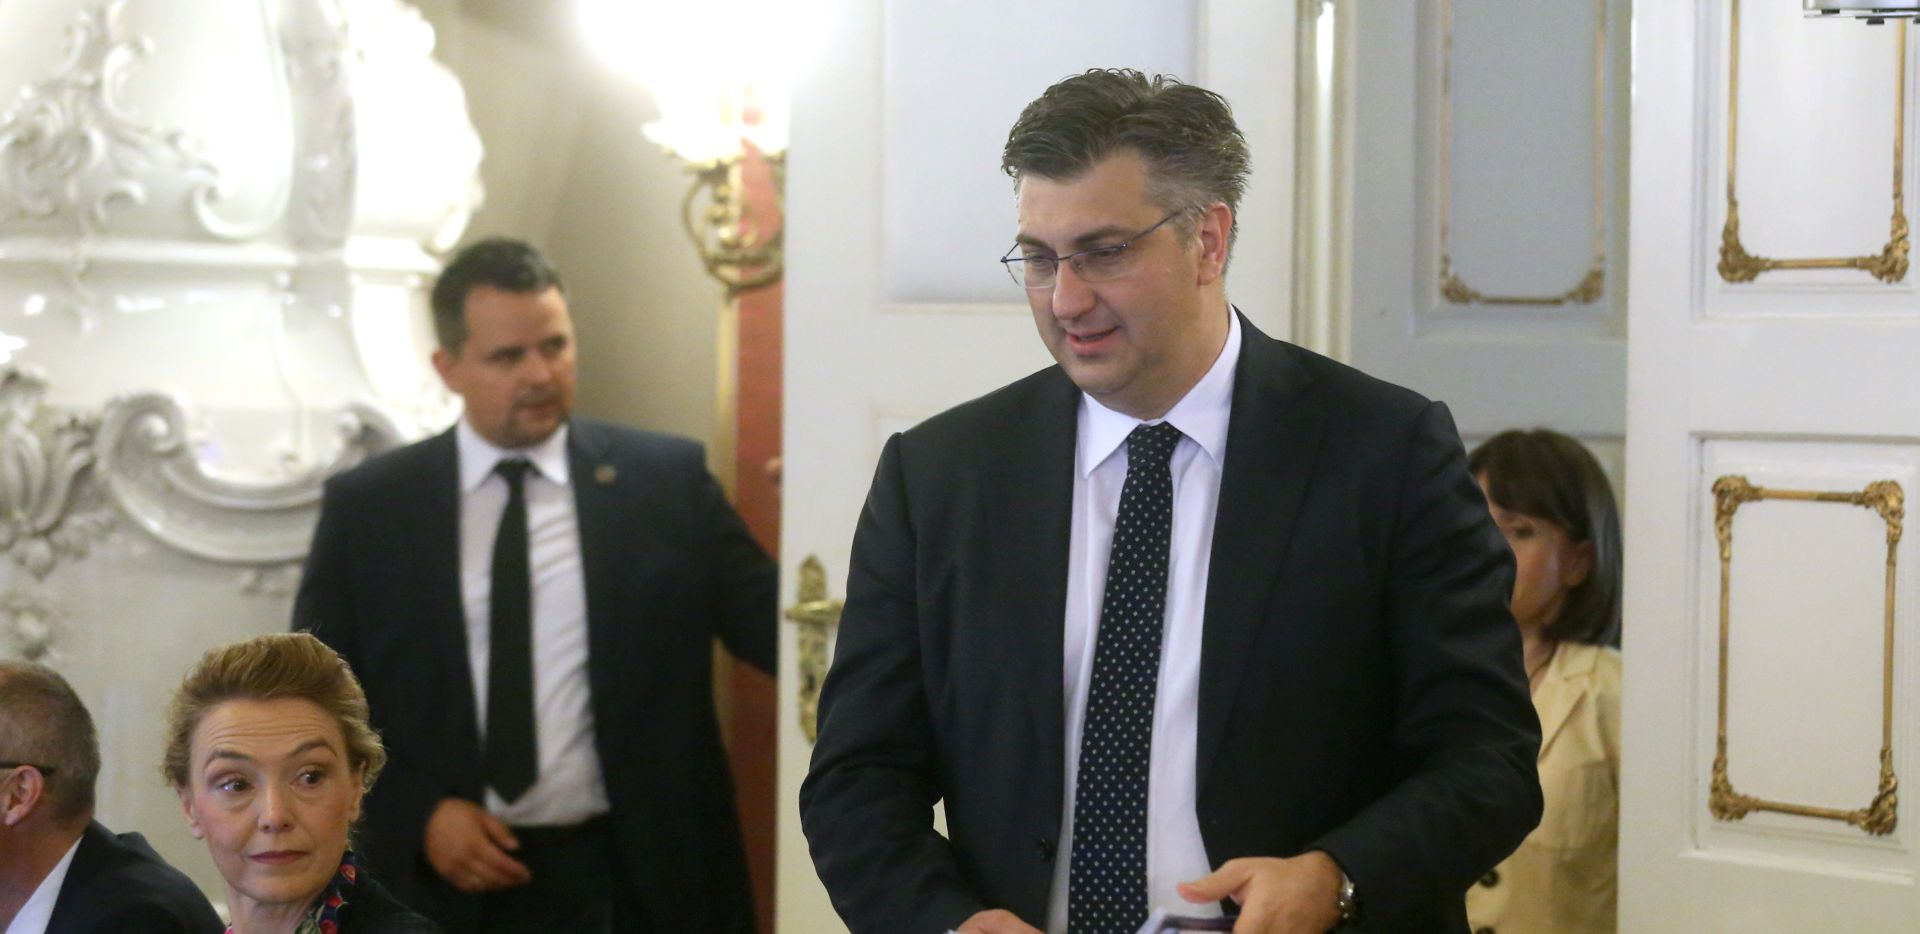 PLENKOVIĆ 'Cilj porezne reforme je rasterećenje građana i poduzetnika'